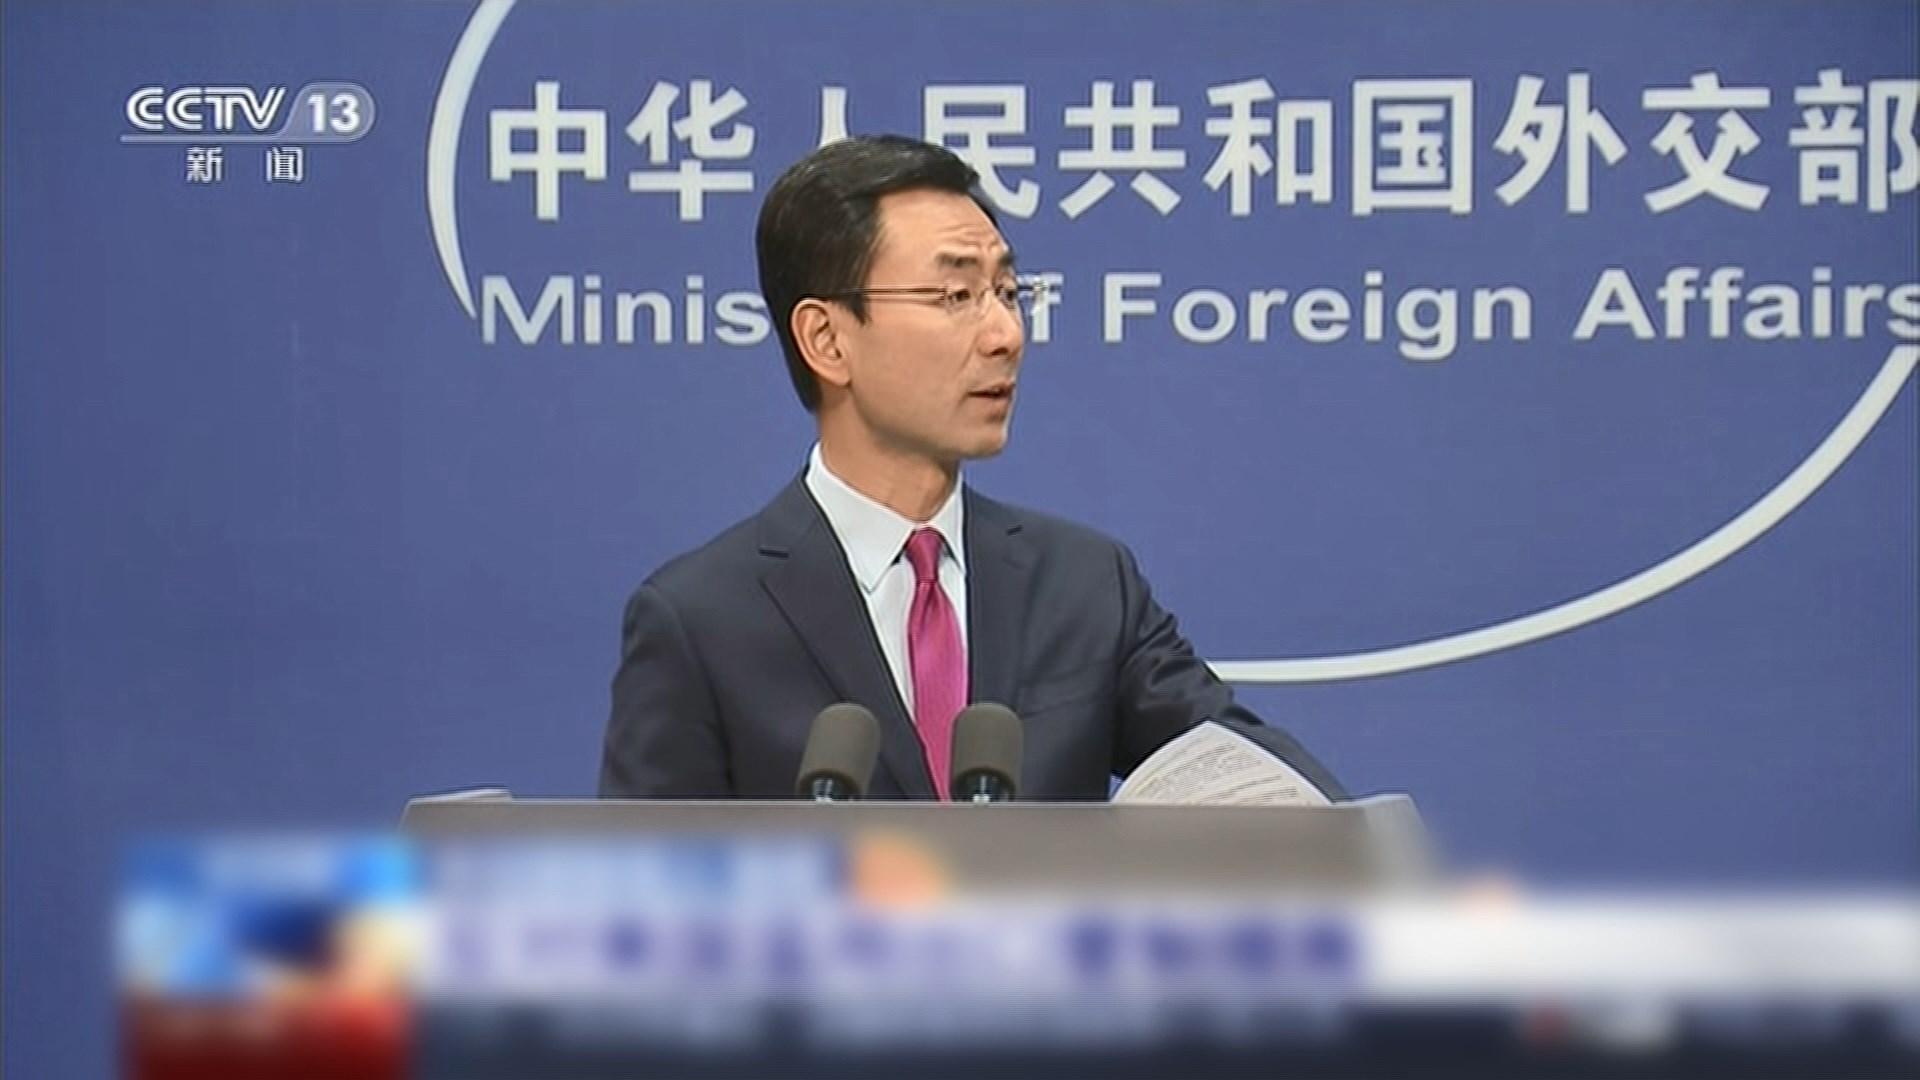 外交部:反對美國干涉和限制企業之間正常合作